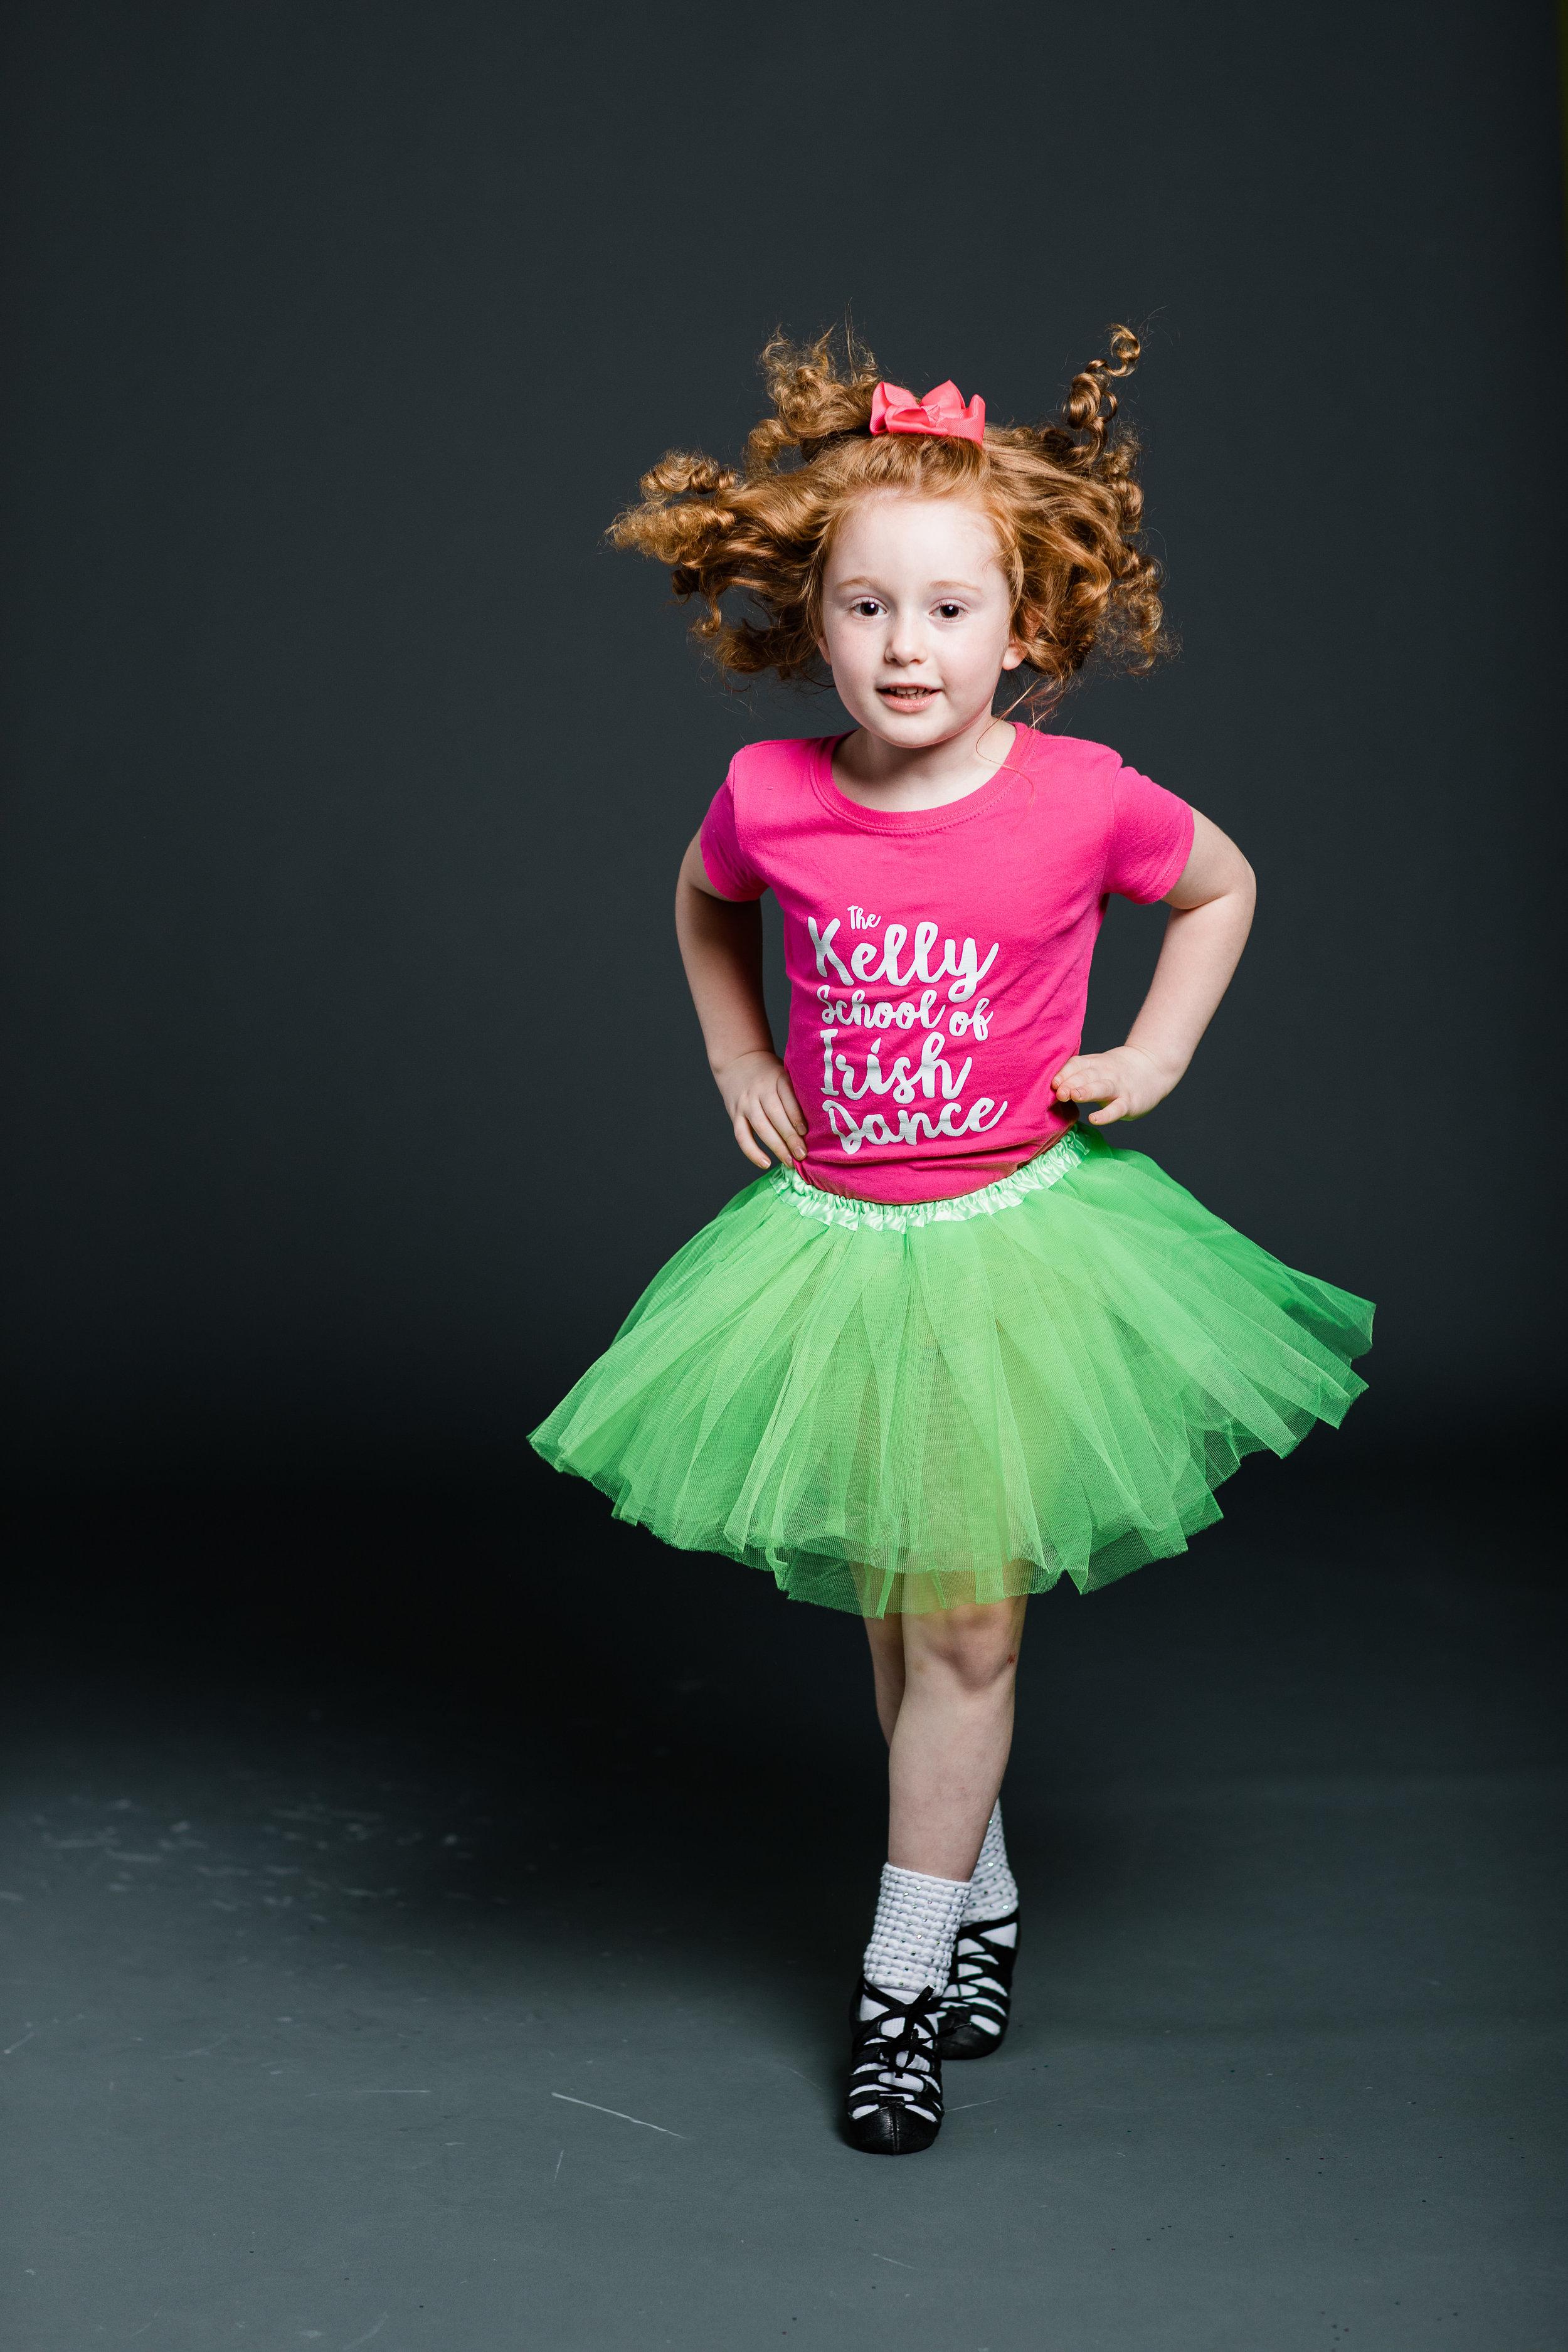 Little Irish Dancer. Little Beginner. Kelly Irish Dance x Matt Ferrara Photography , Rhode Island